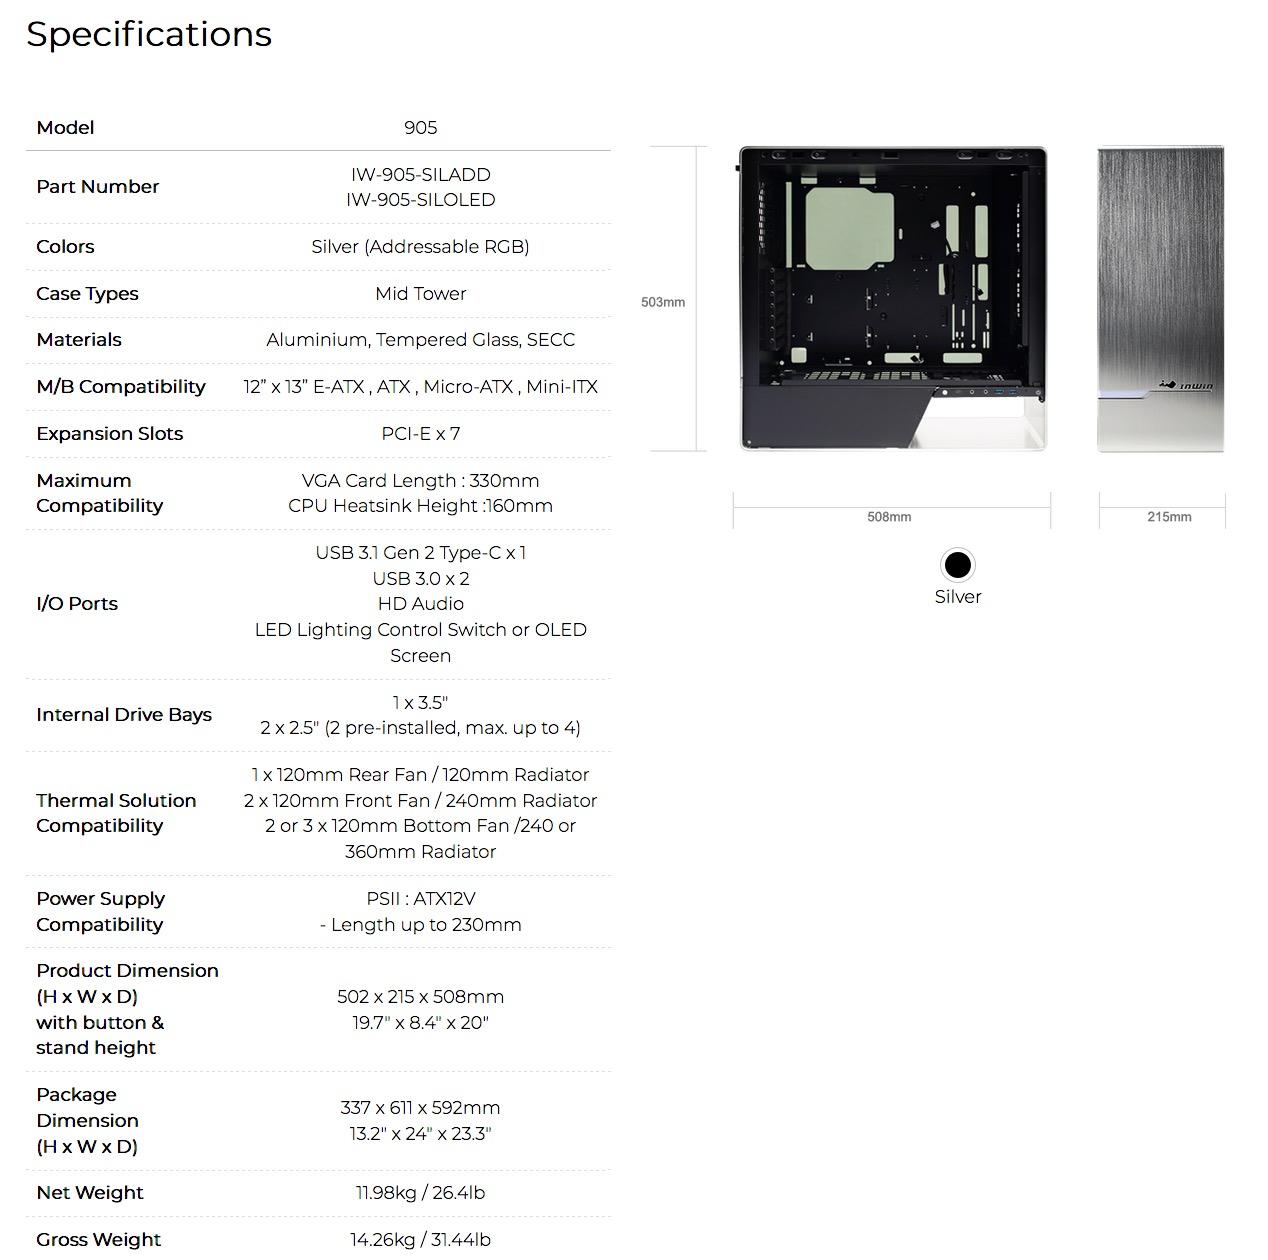 inwin 905 specs